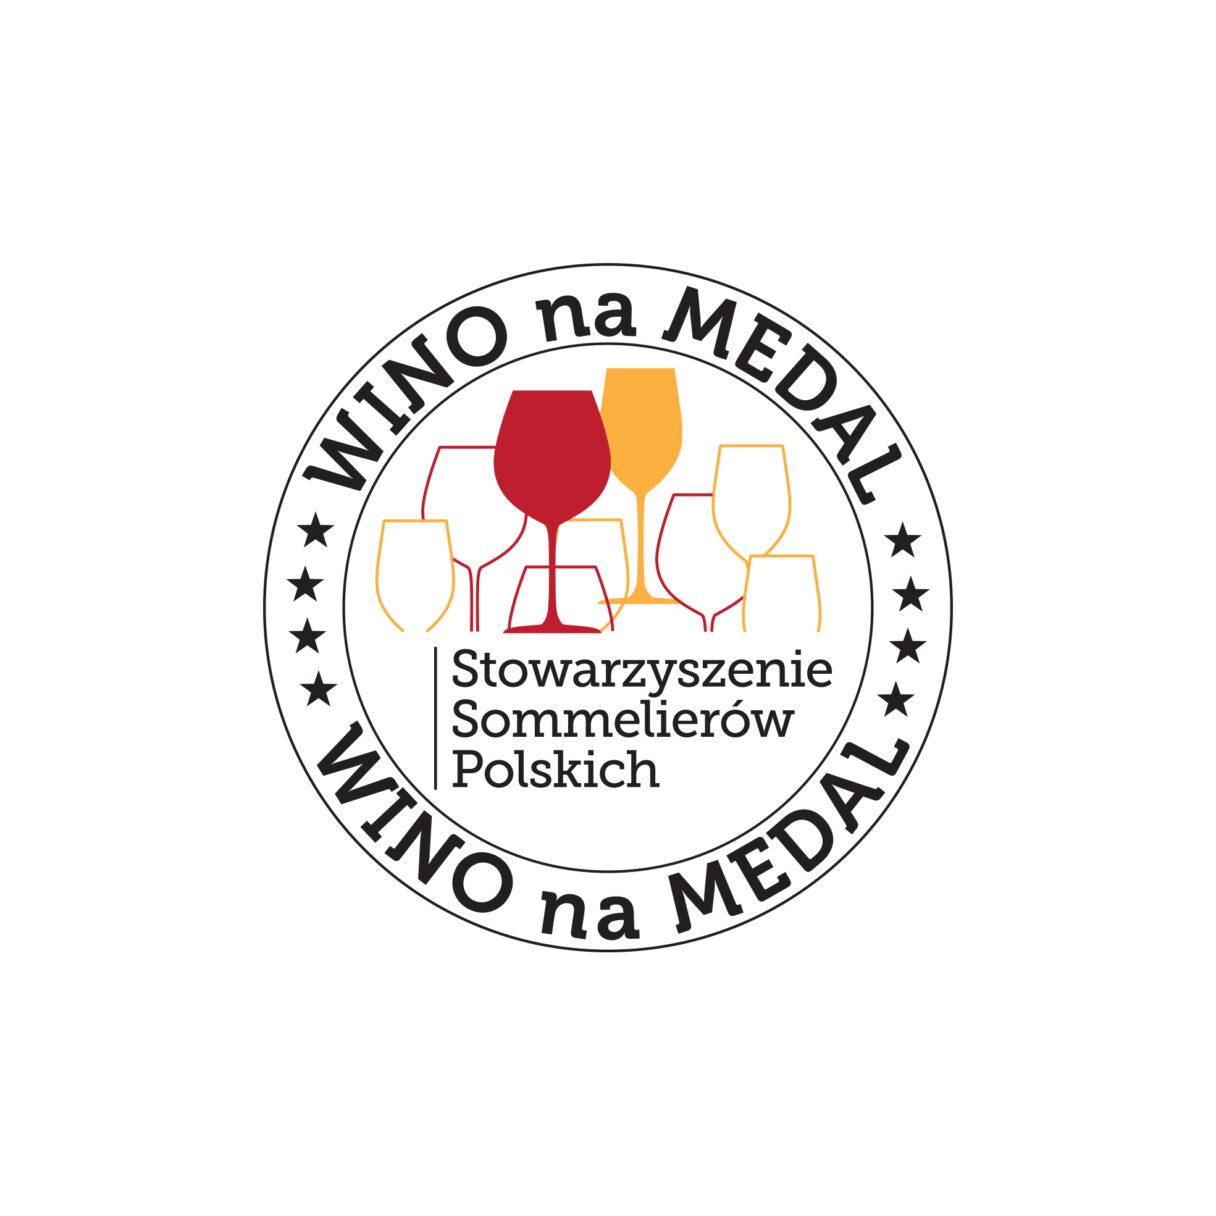 Trzecia edycja konkursu Wino na medal rozstrzygnięta